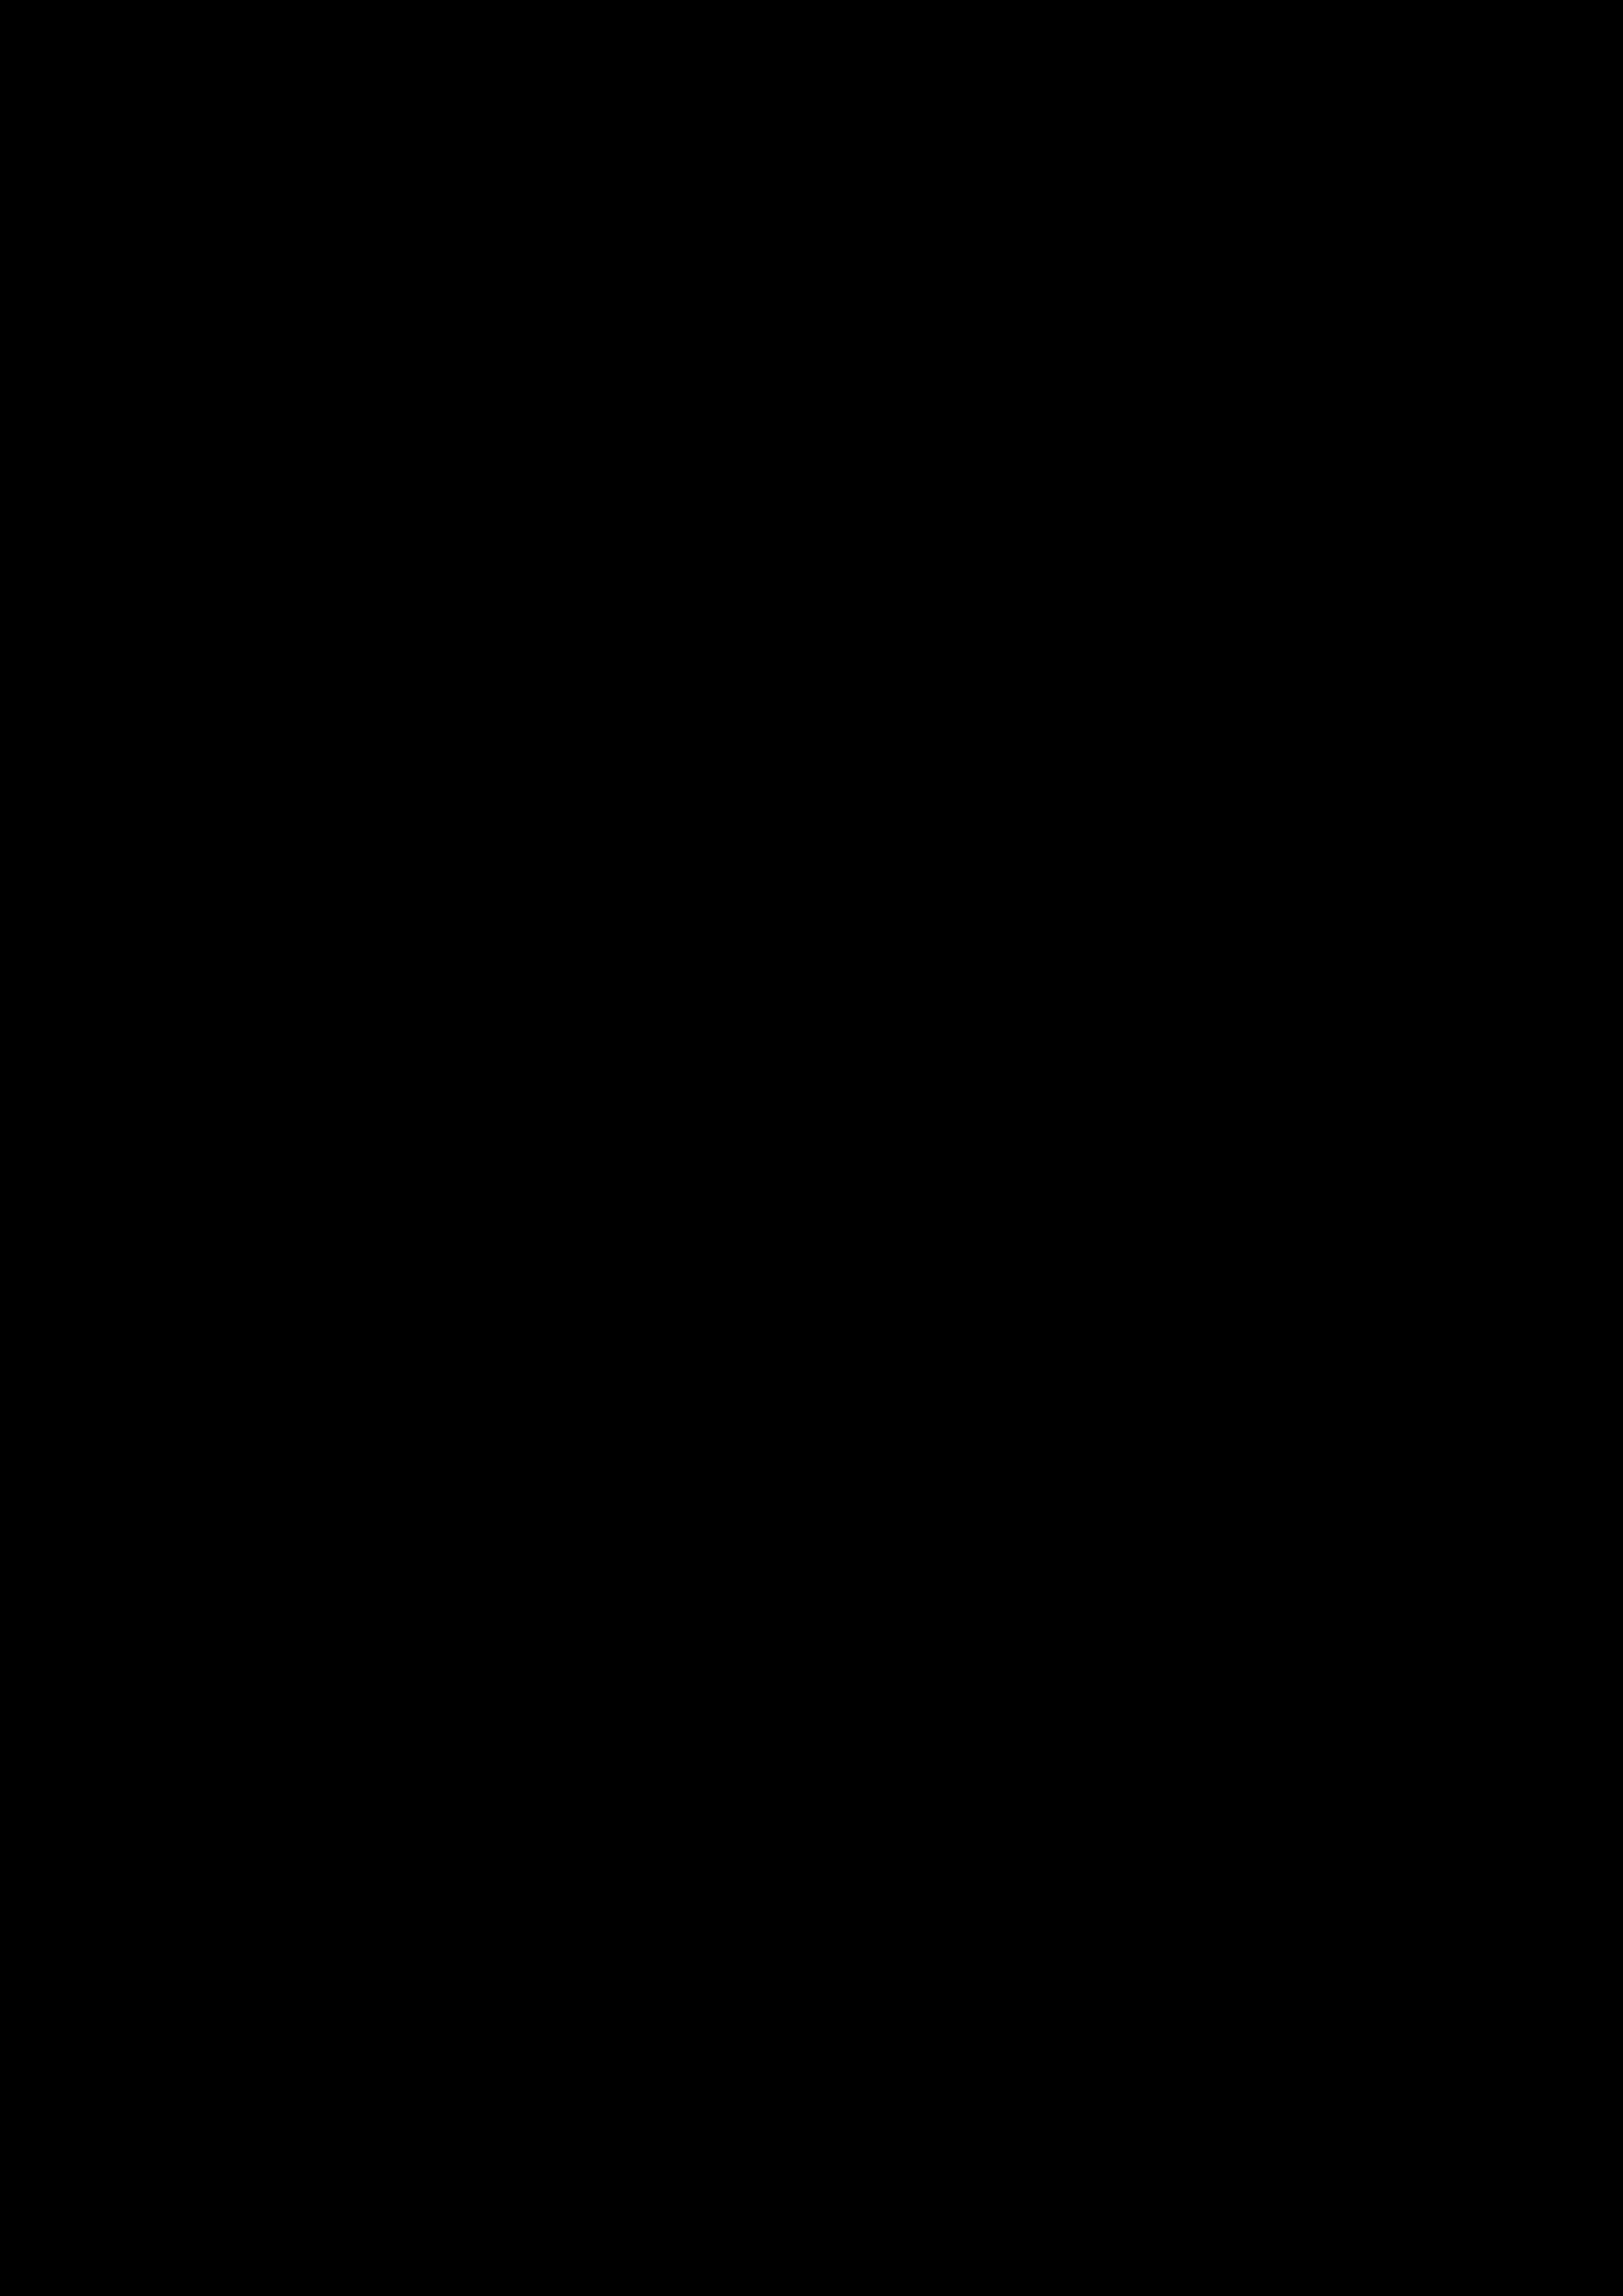 E_Kohler_Op_33_No_2_5-2